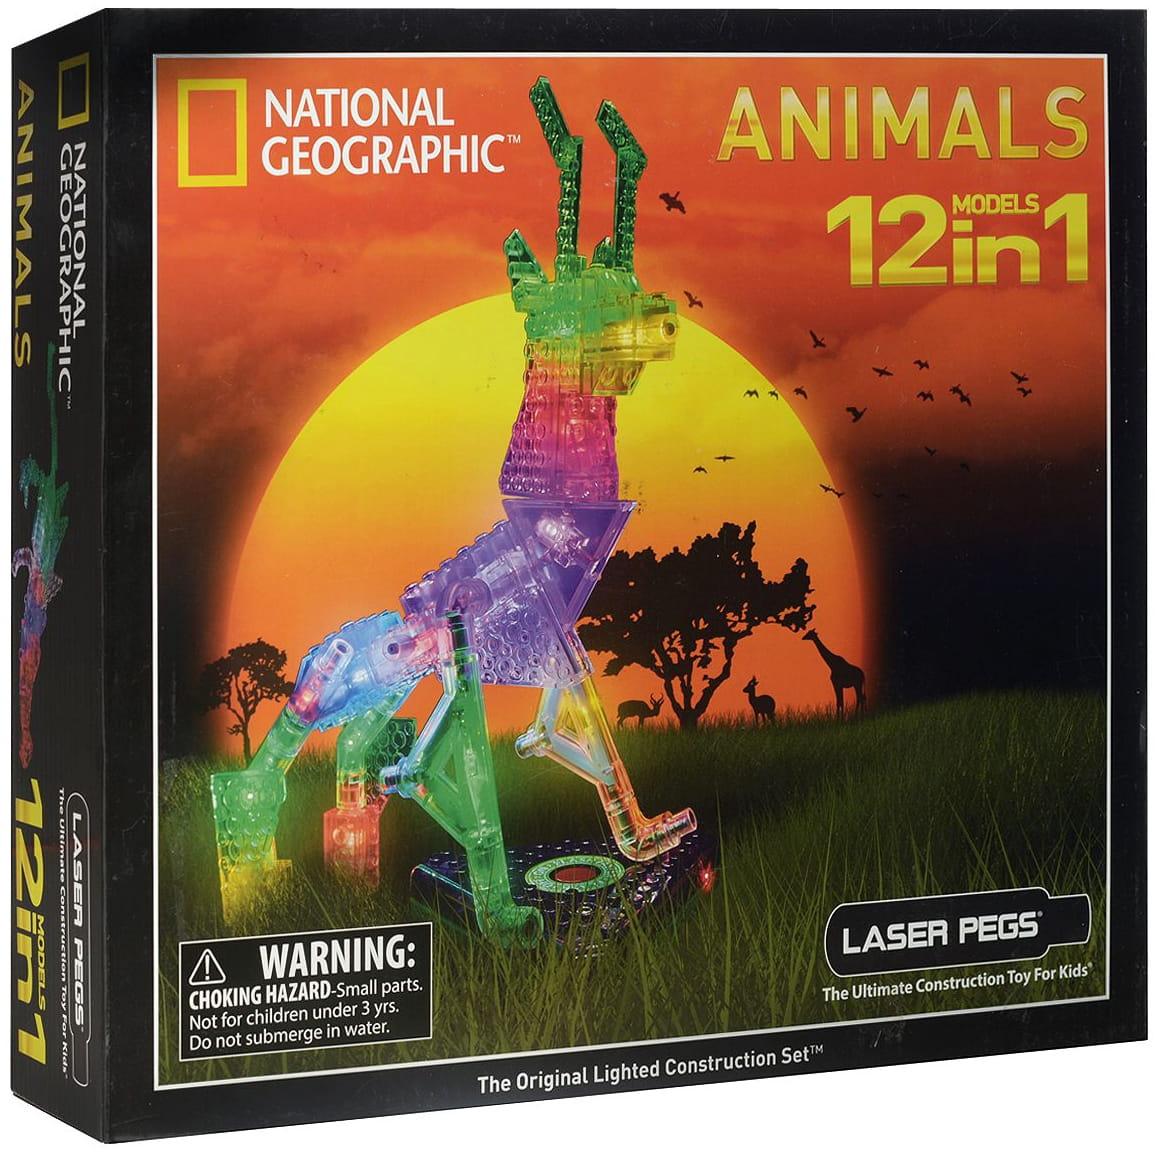 Светодиодный конструктор 12 в 1 Laser Pegs NG200 National Geographic - Животные